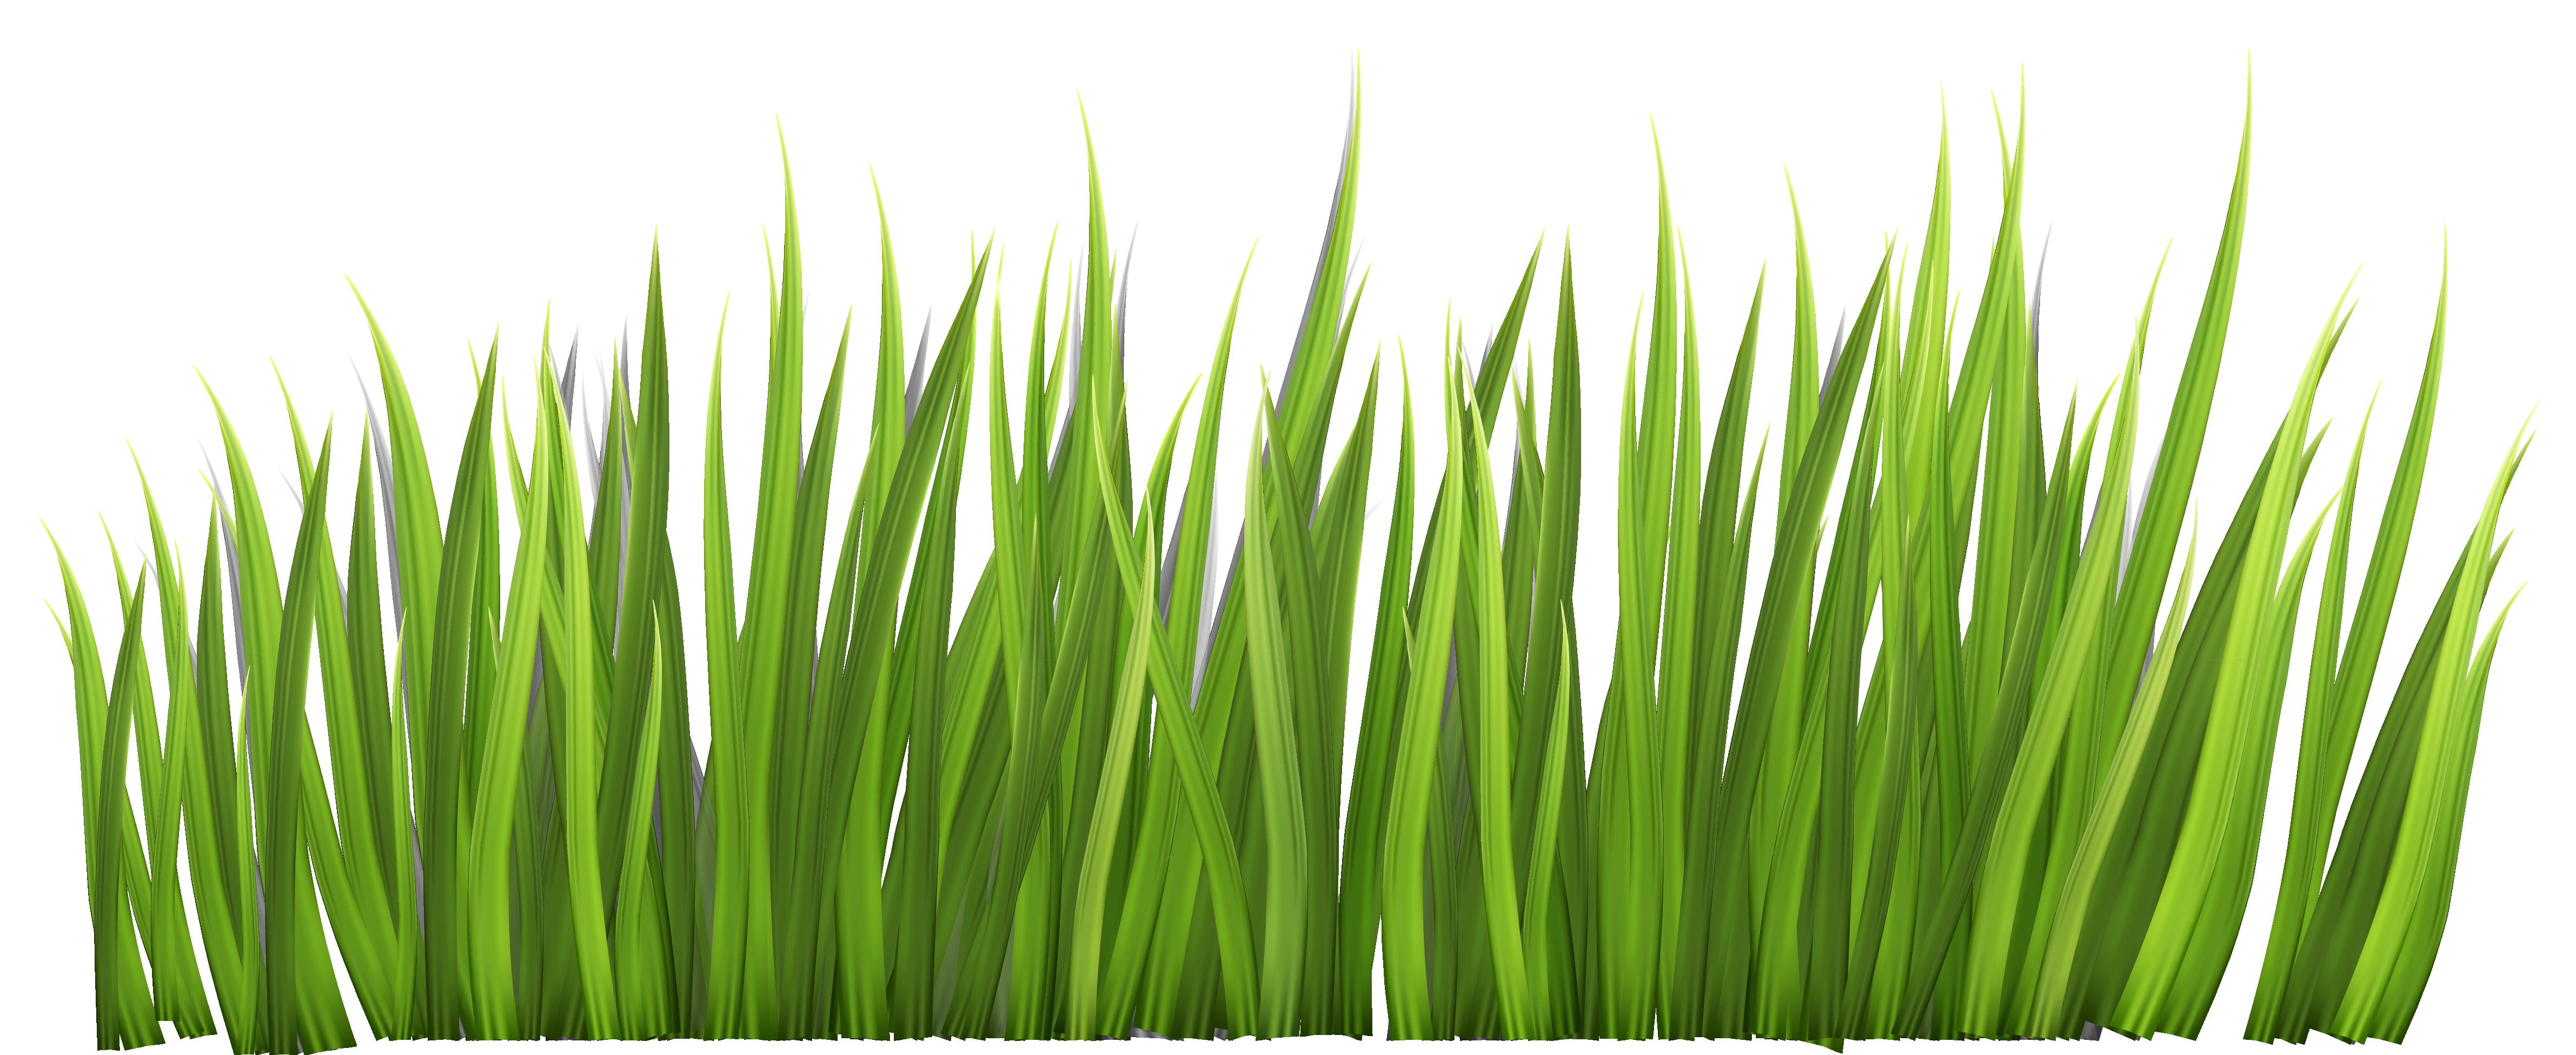 Blade clipart grass Art Free Grass Clipart Clipart